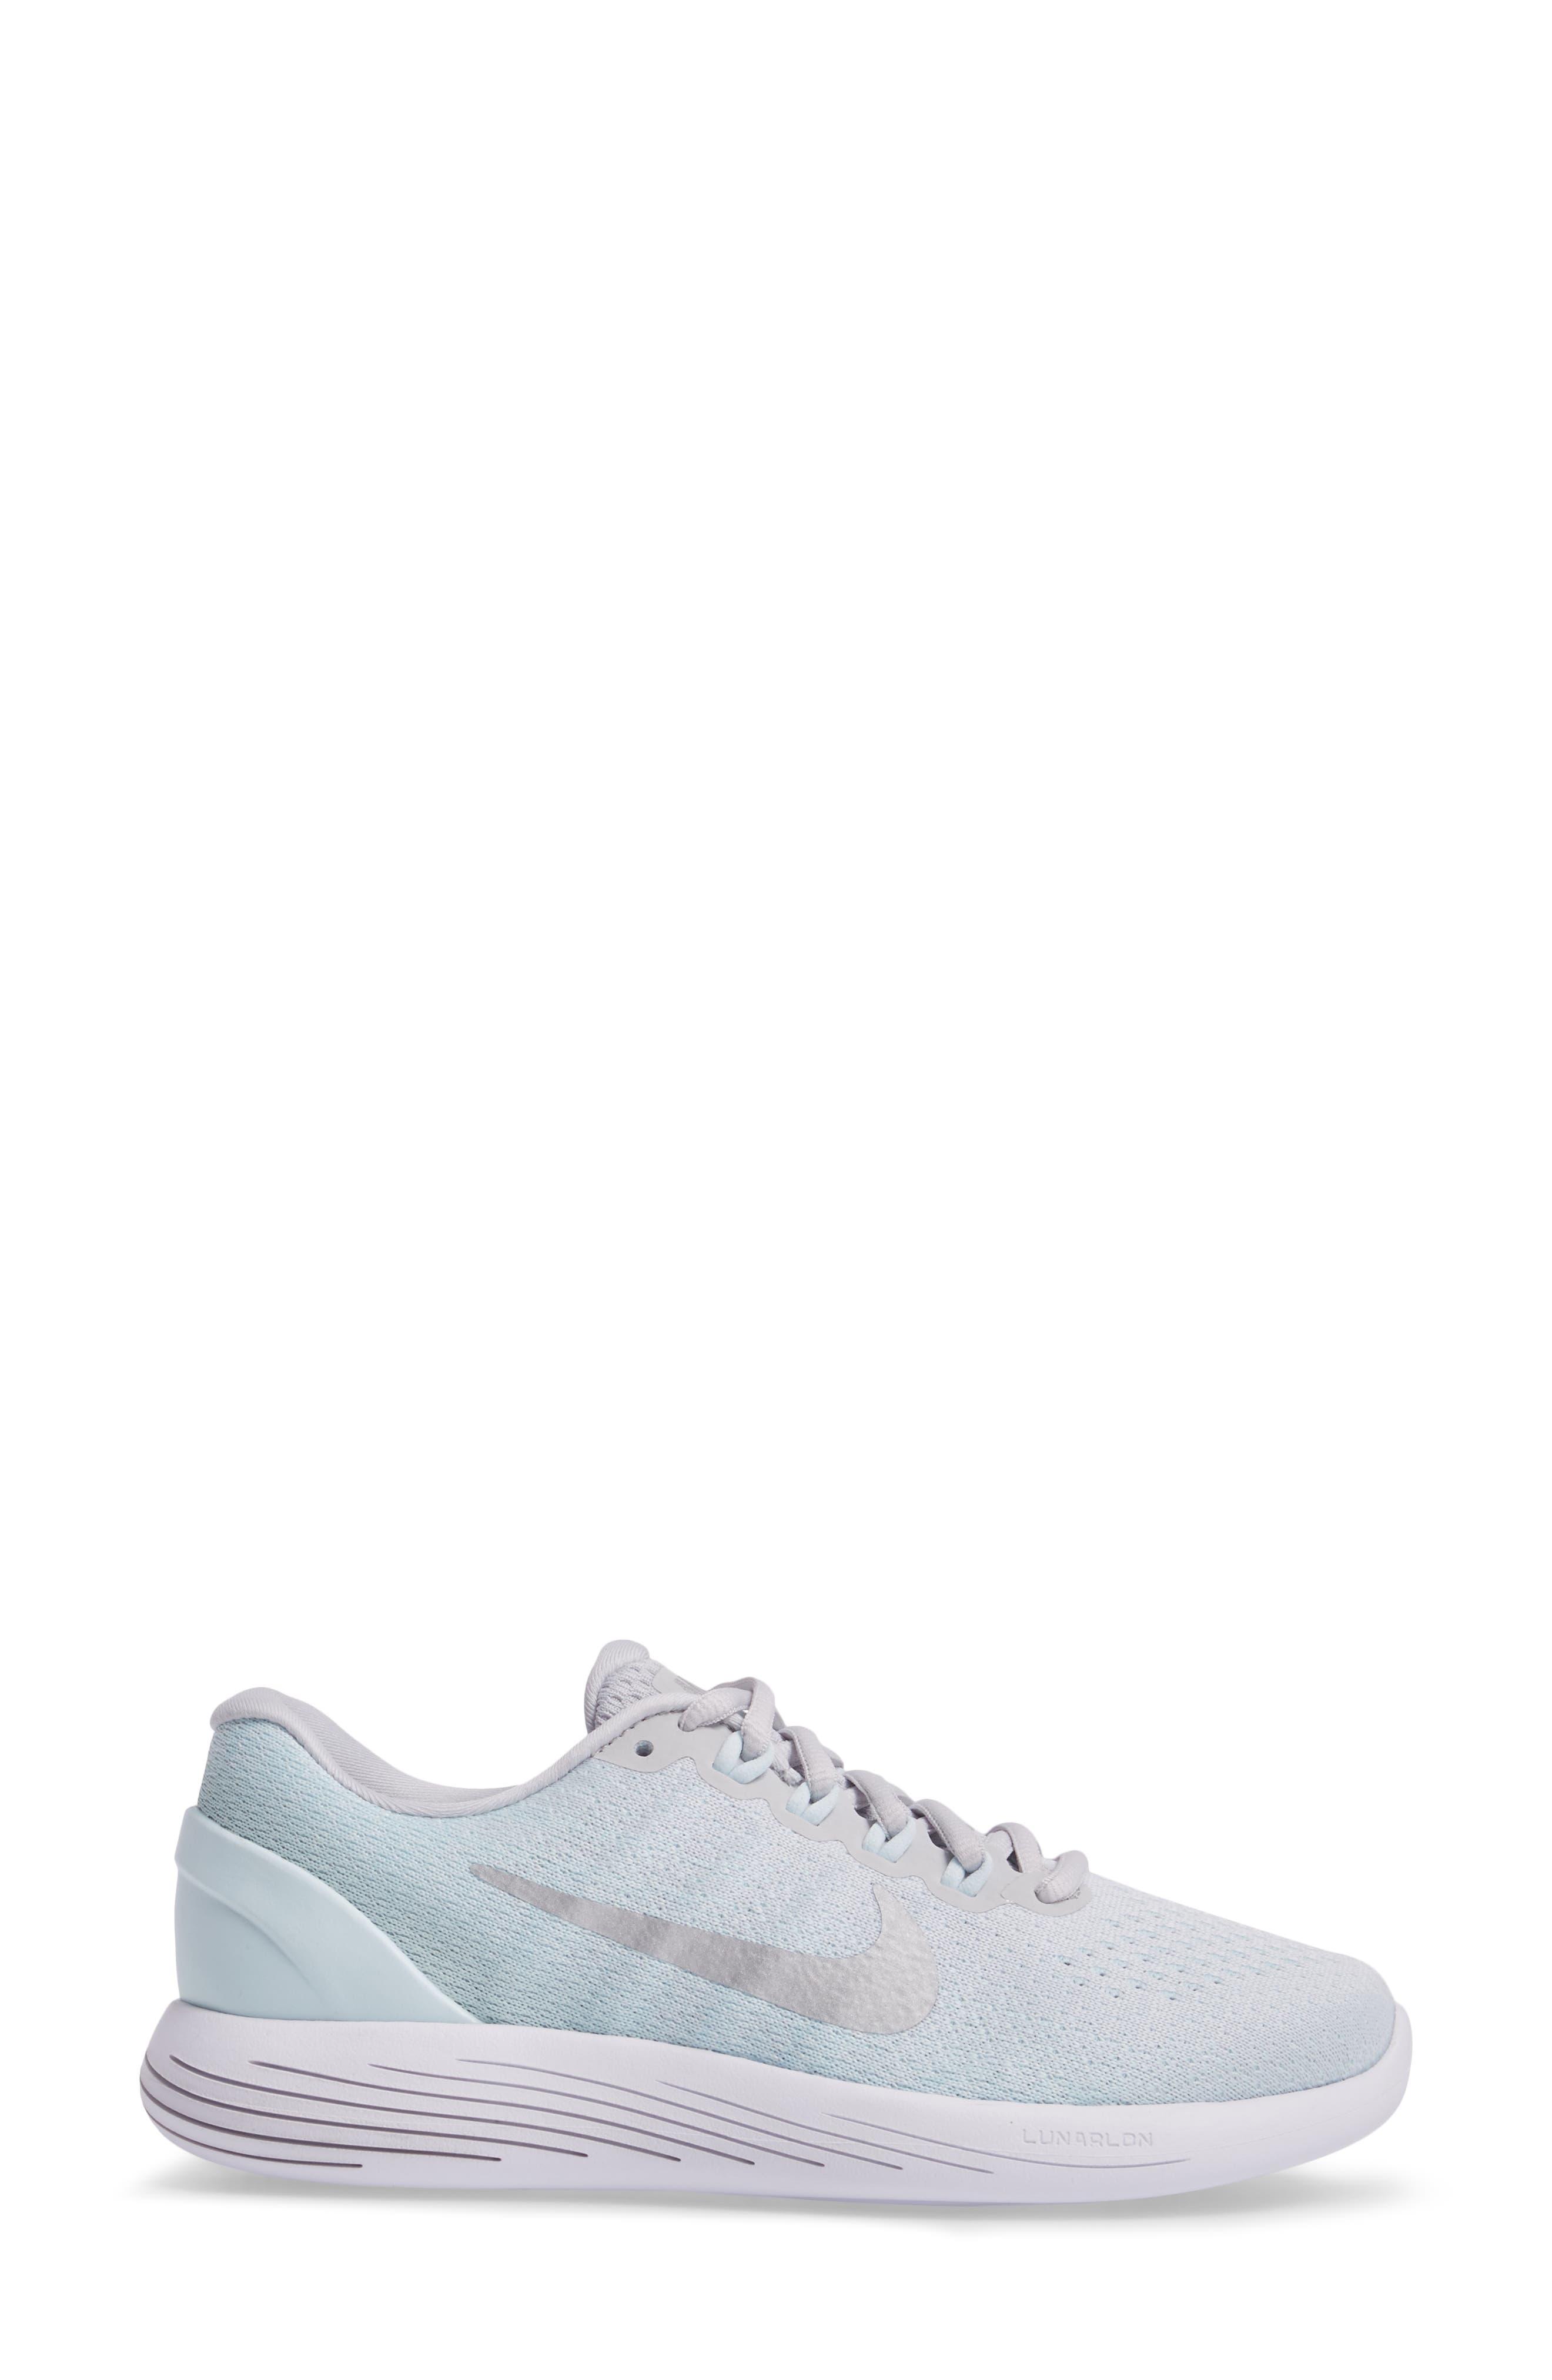 Alternate Image 3  - Nike LunarGlide 9 Running Shoe (Women)